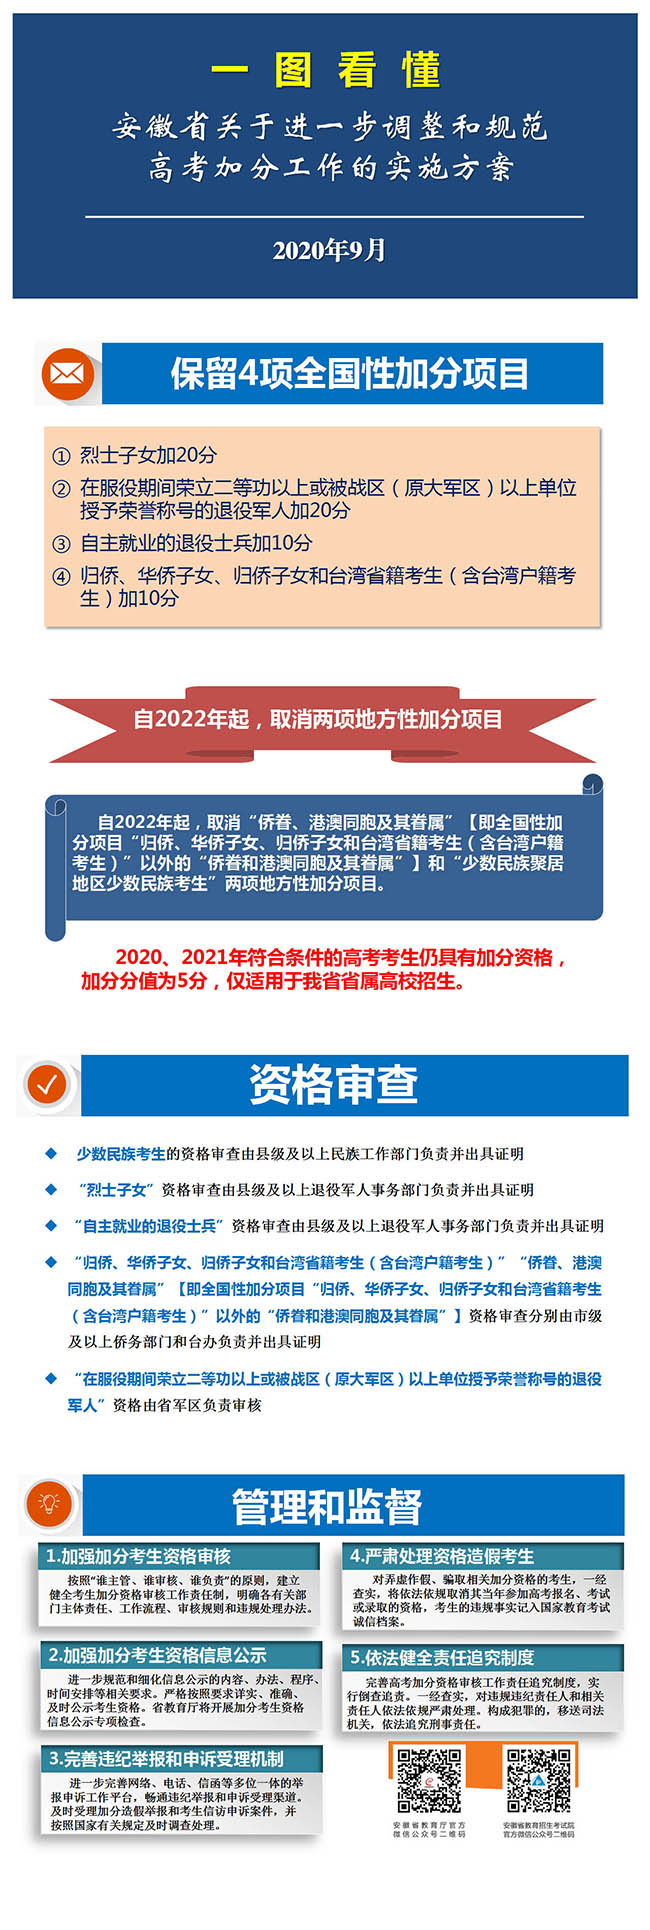 一图看懂《安徽省关于进一步调整和规范高考加分工作的实施方案》.jpg